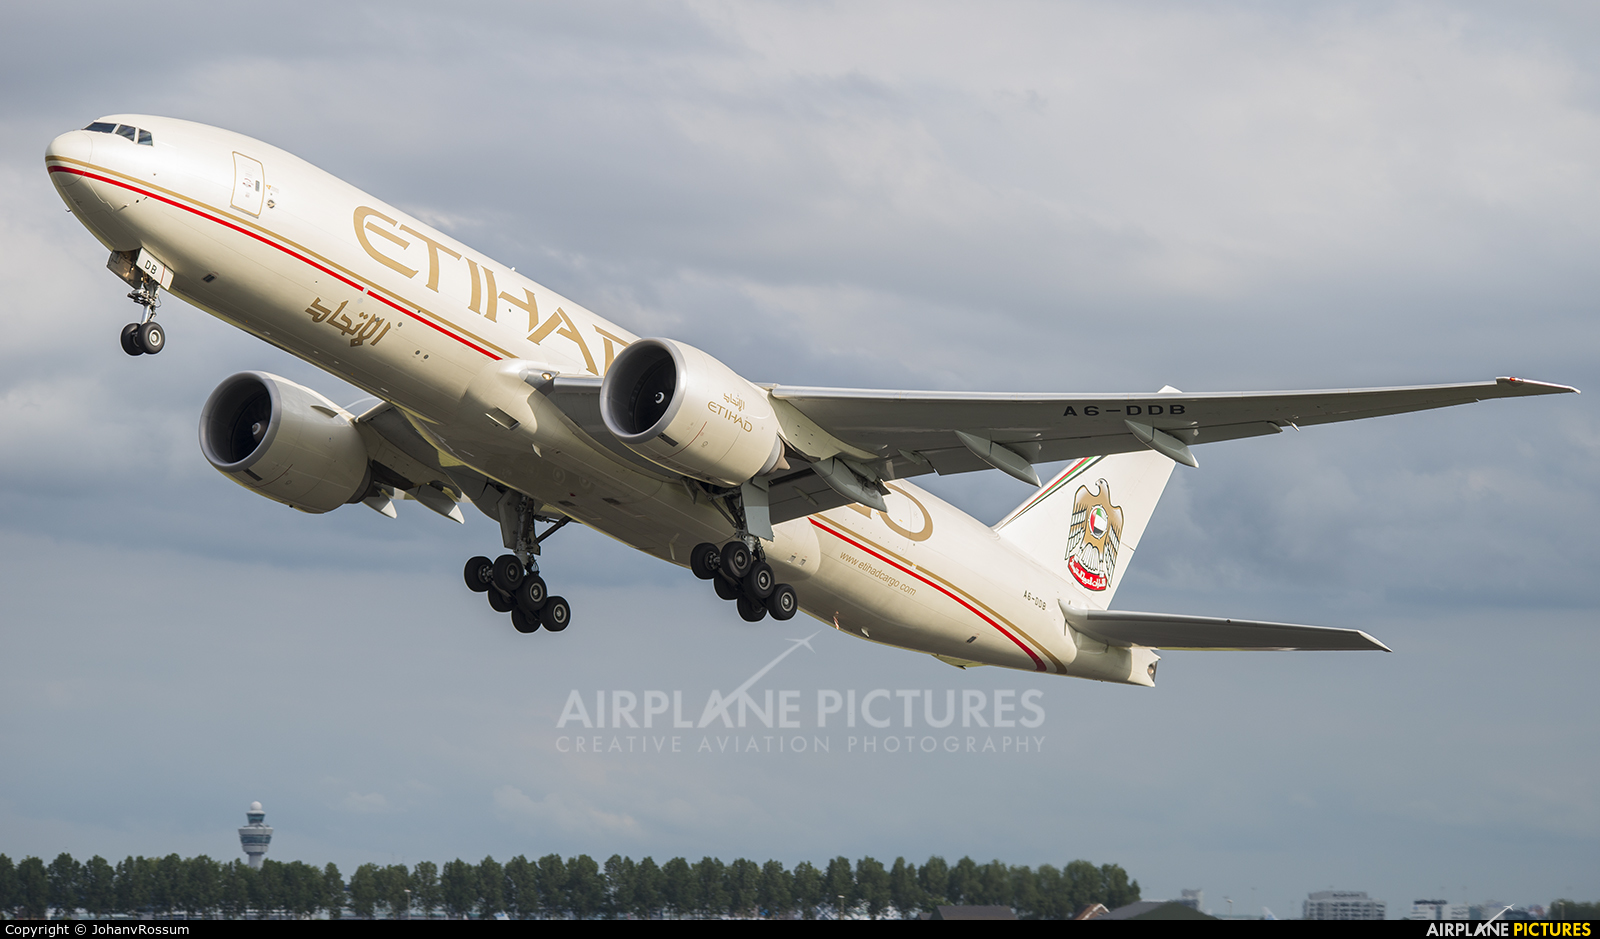 Etihad Cargo A6-DDB aircraft at Amsterdam - Schiphol